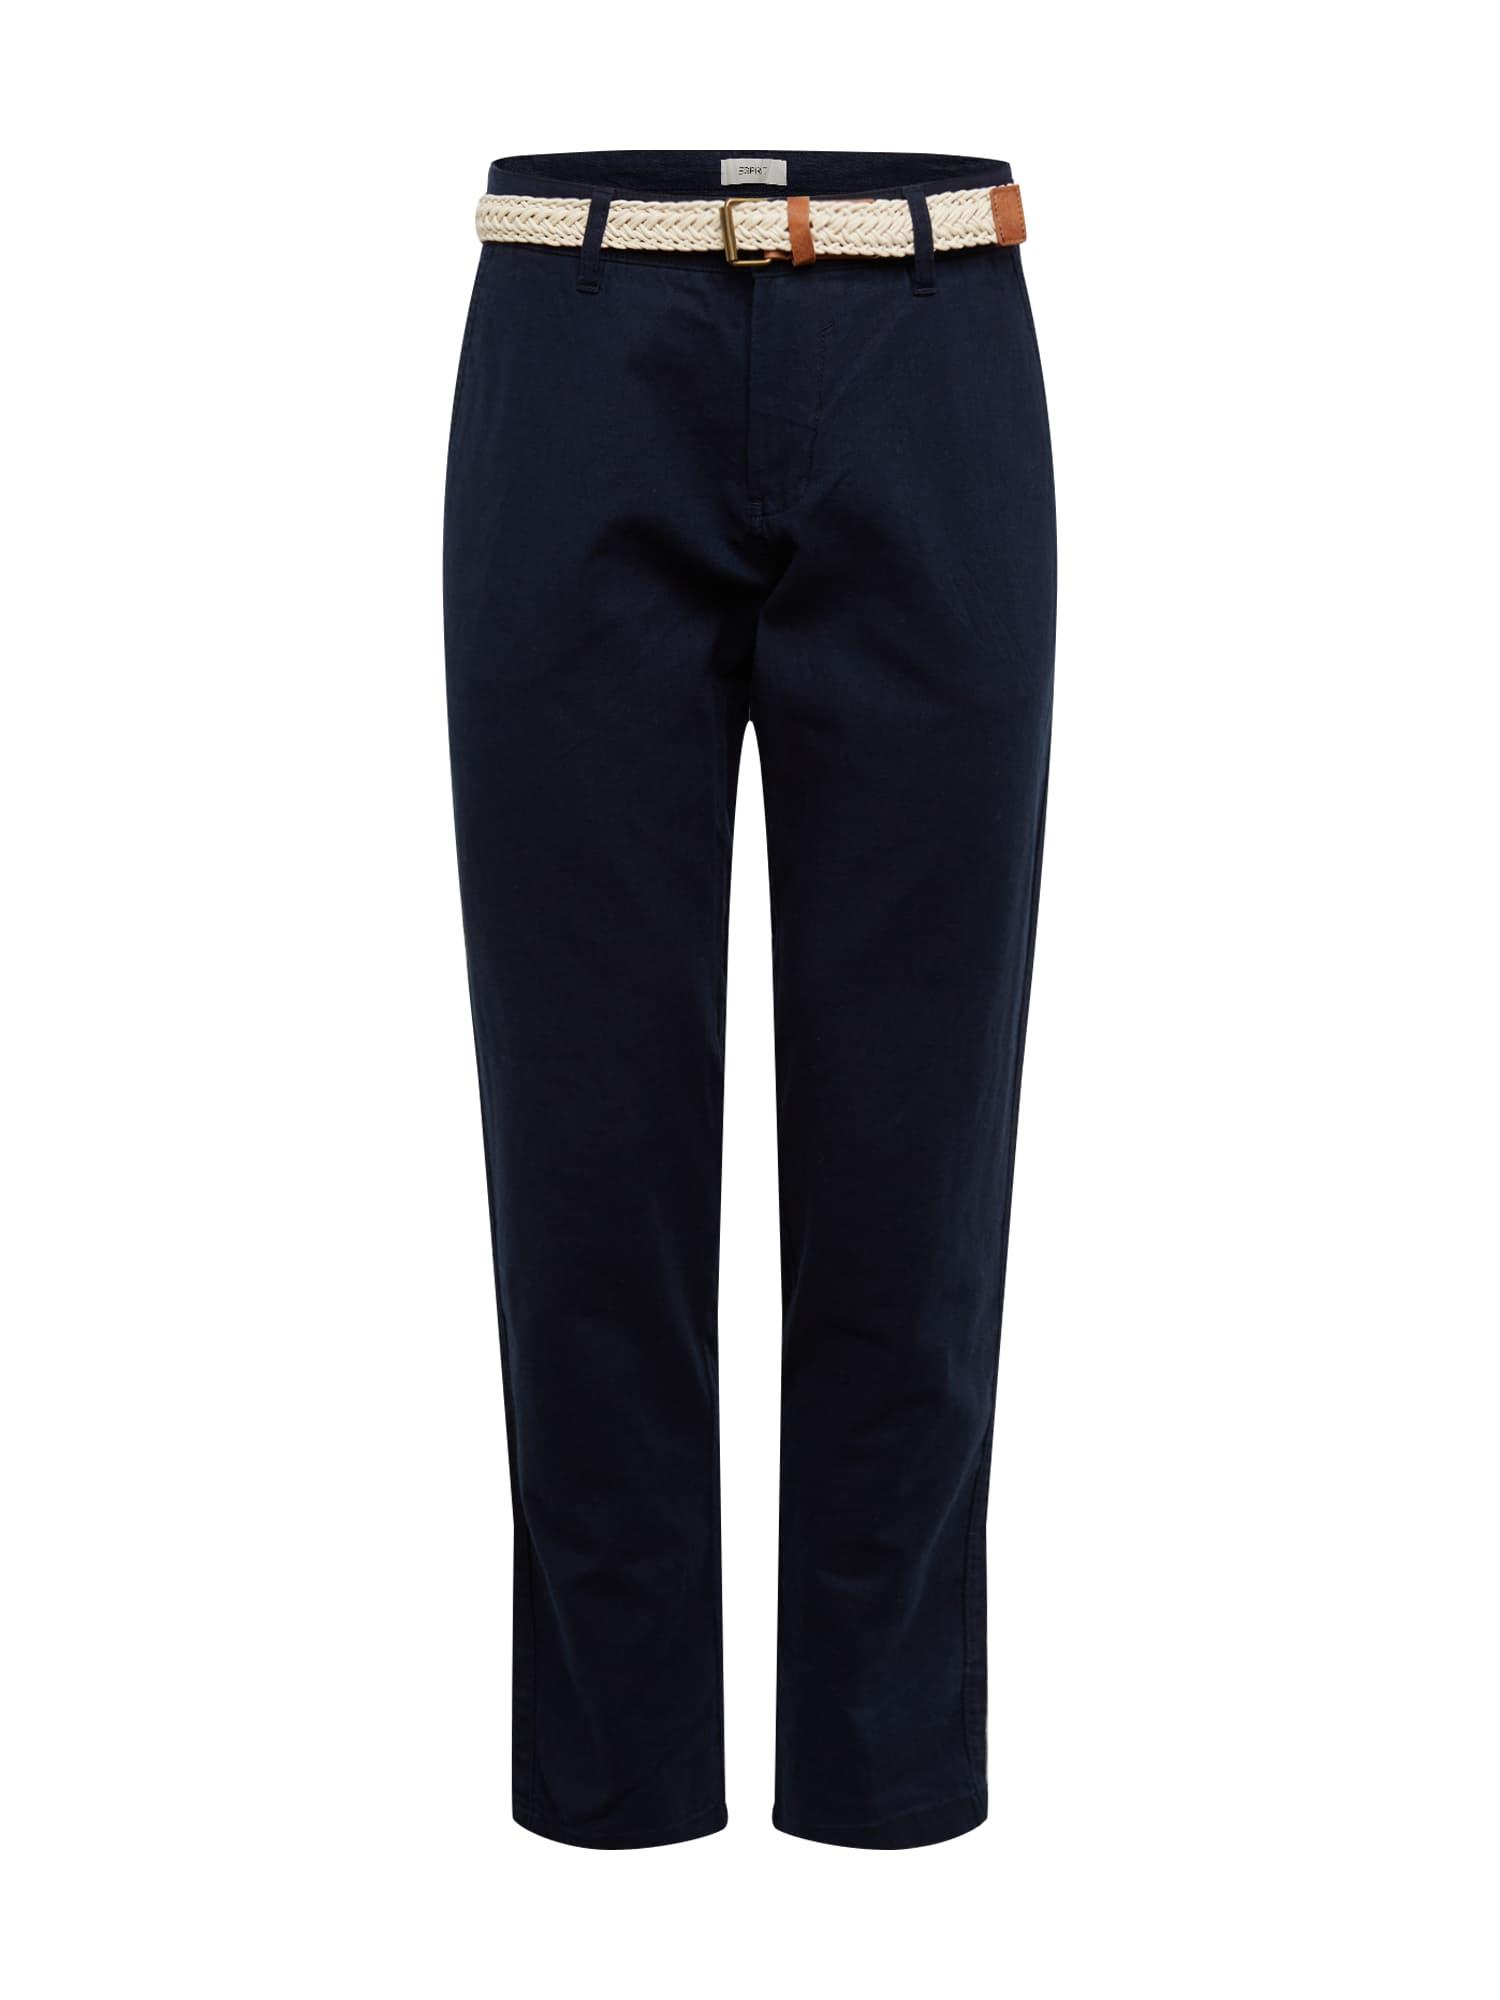 ESPRIT Kalhoty  námořnická modř